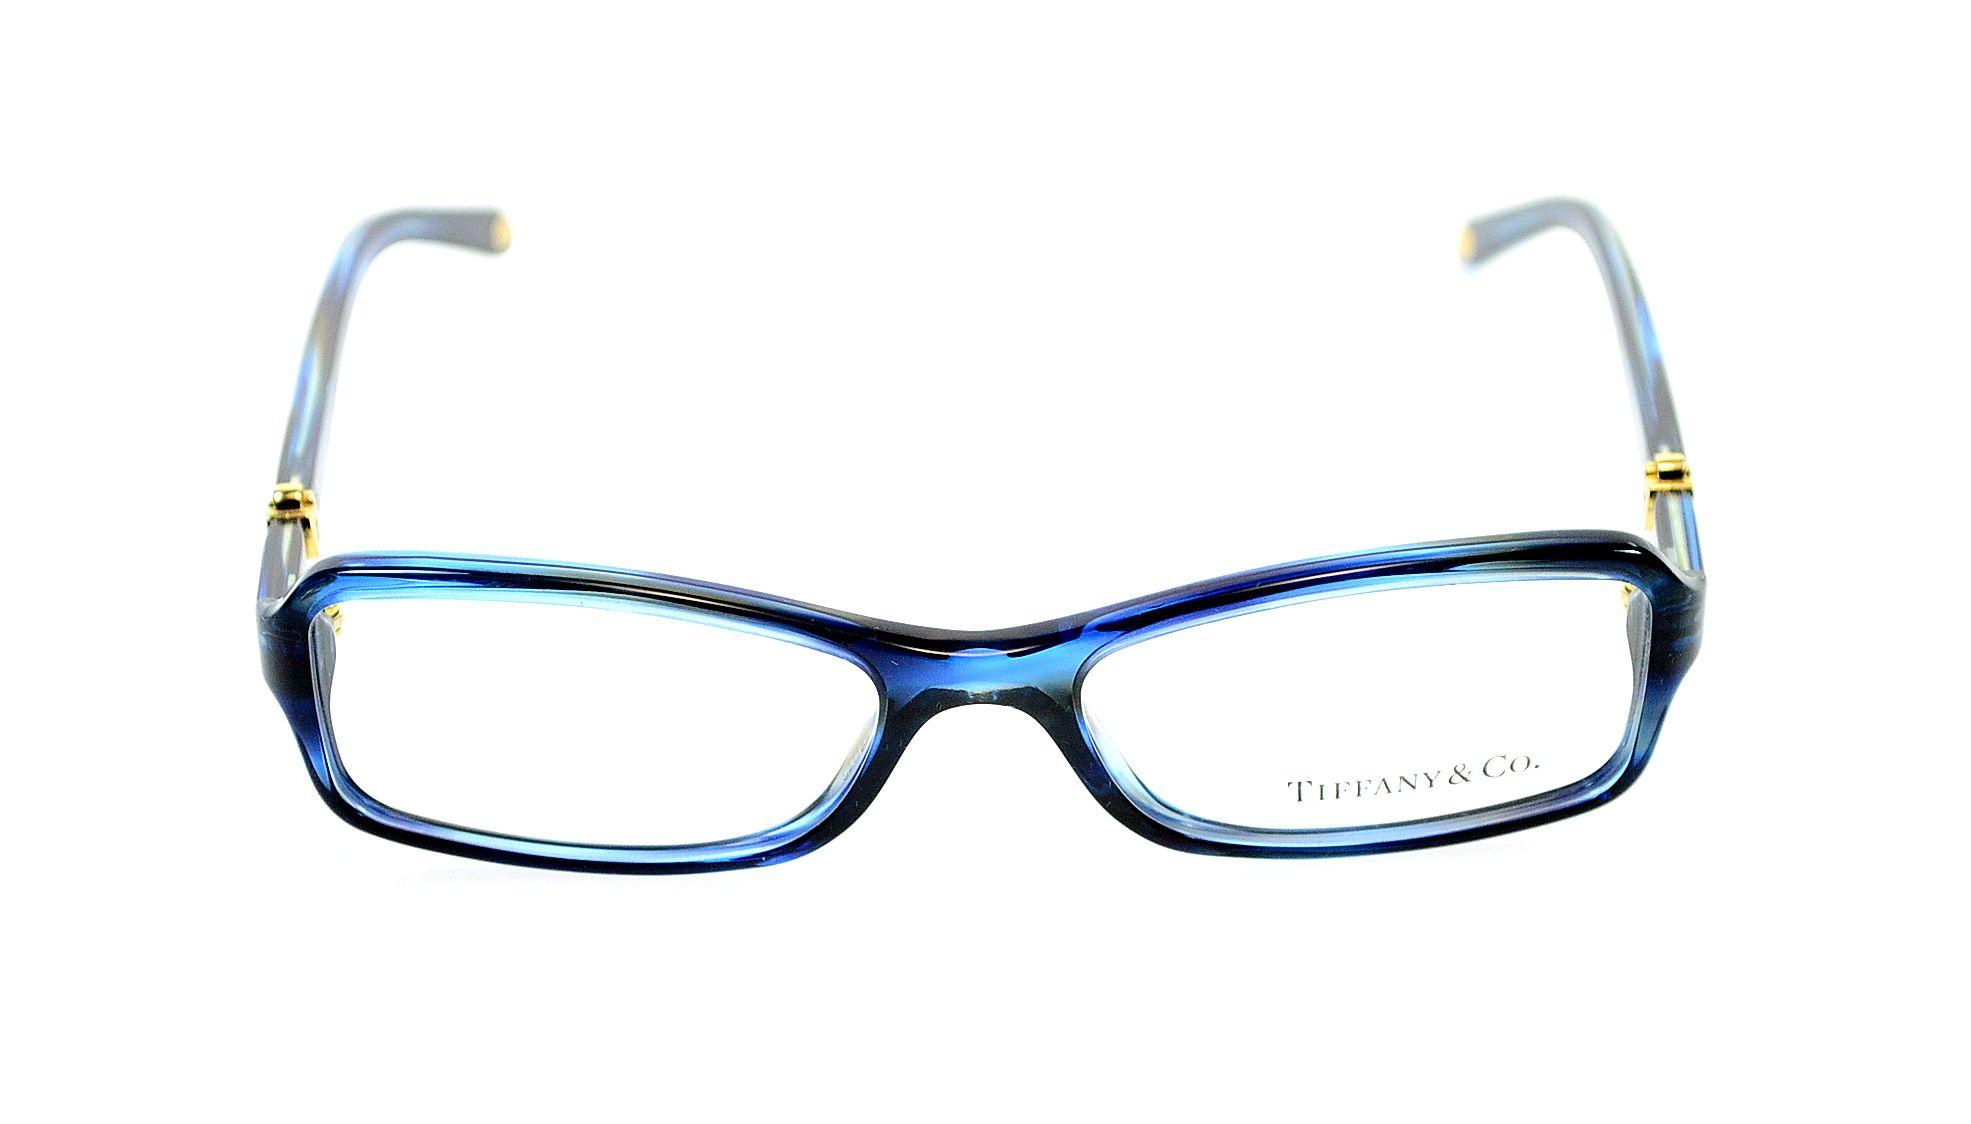 55083103a12 Tiffany   Co Womens Eyewear Frames TF2061 54 mm Ocean Blue 8113 ...